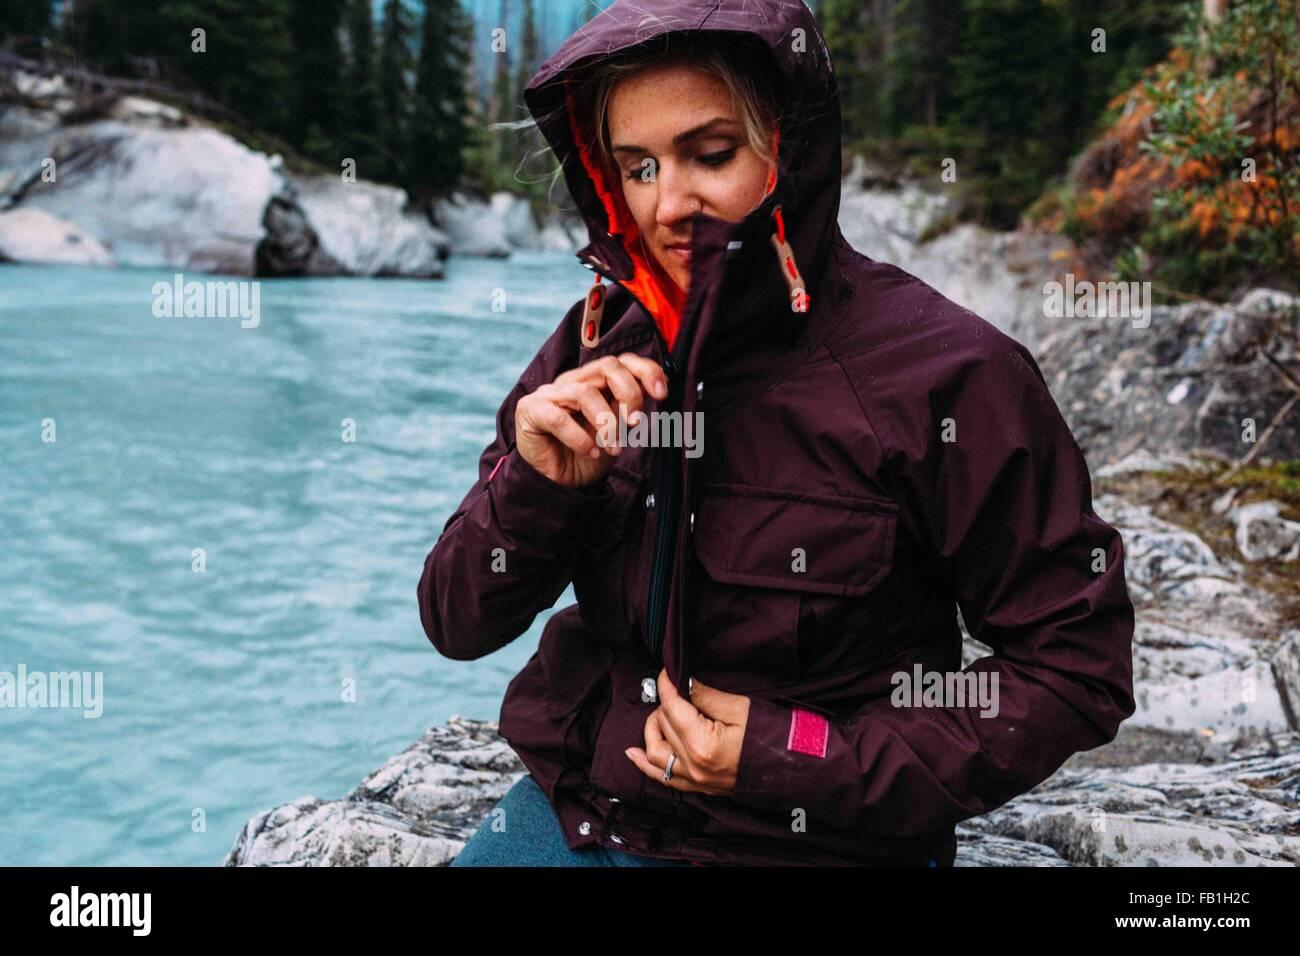 Metà donna adulta da waters edge zippare fino impermeabile, Moraine Lake, il Parco Nazionale di Banff, Alberta Immagini Stock